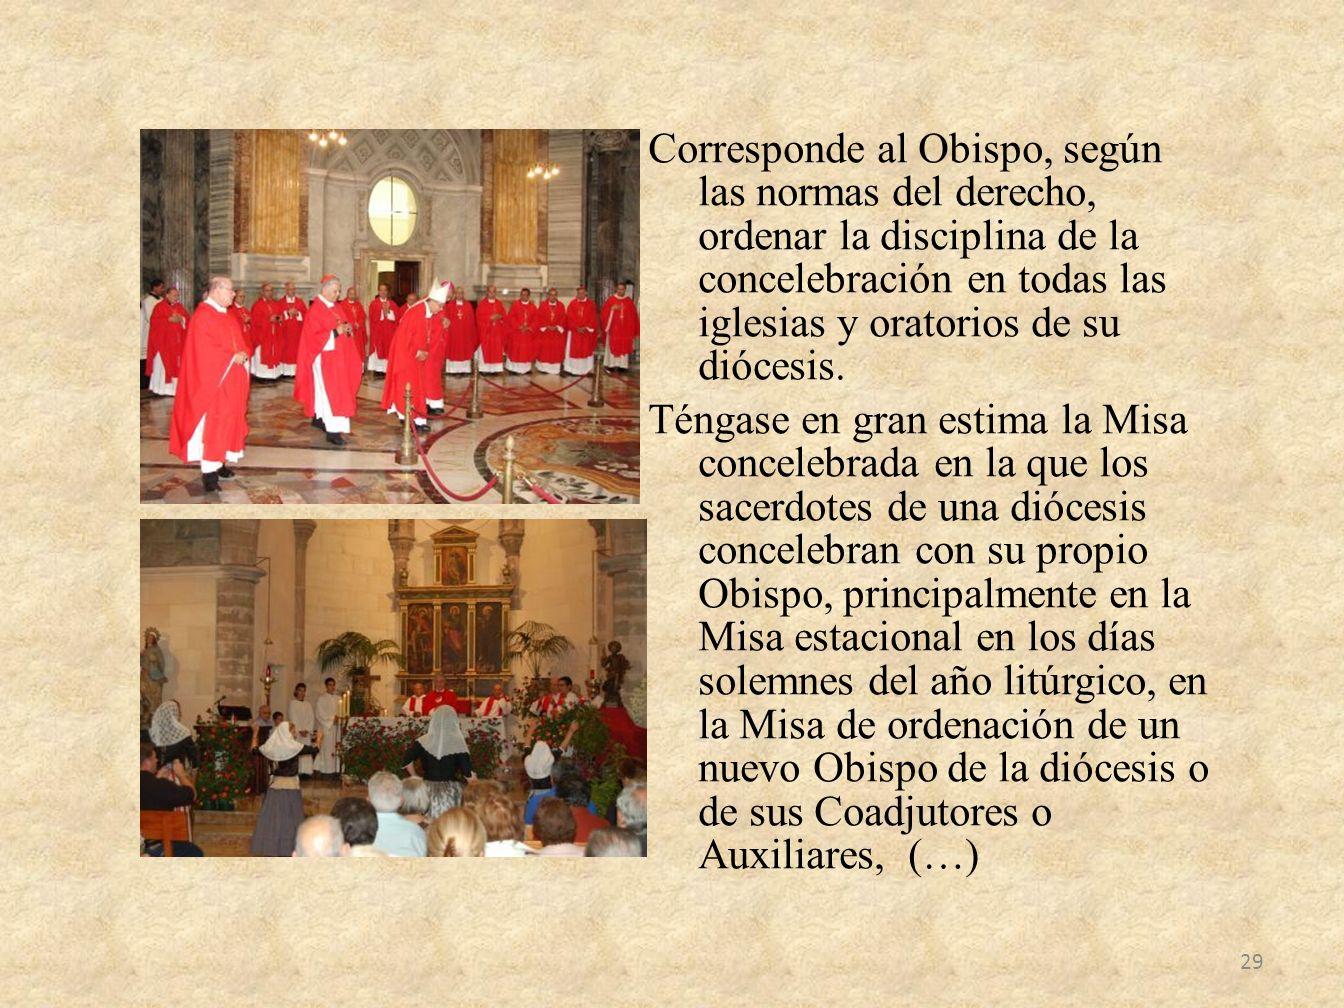 Corresponde al Obispo, según las normas del derecho, ordenar la disciplina de la concelebración en todas las iglesias y oratorios de su diócesis. Téng